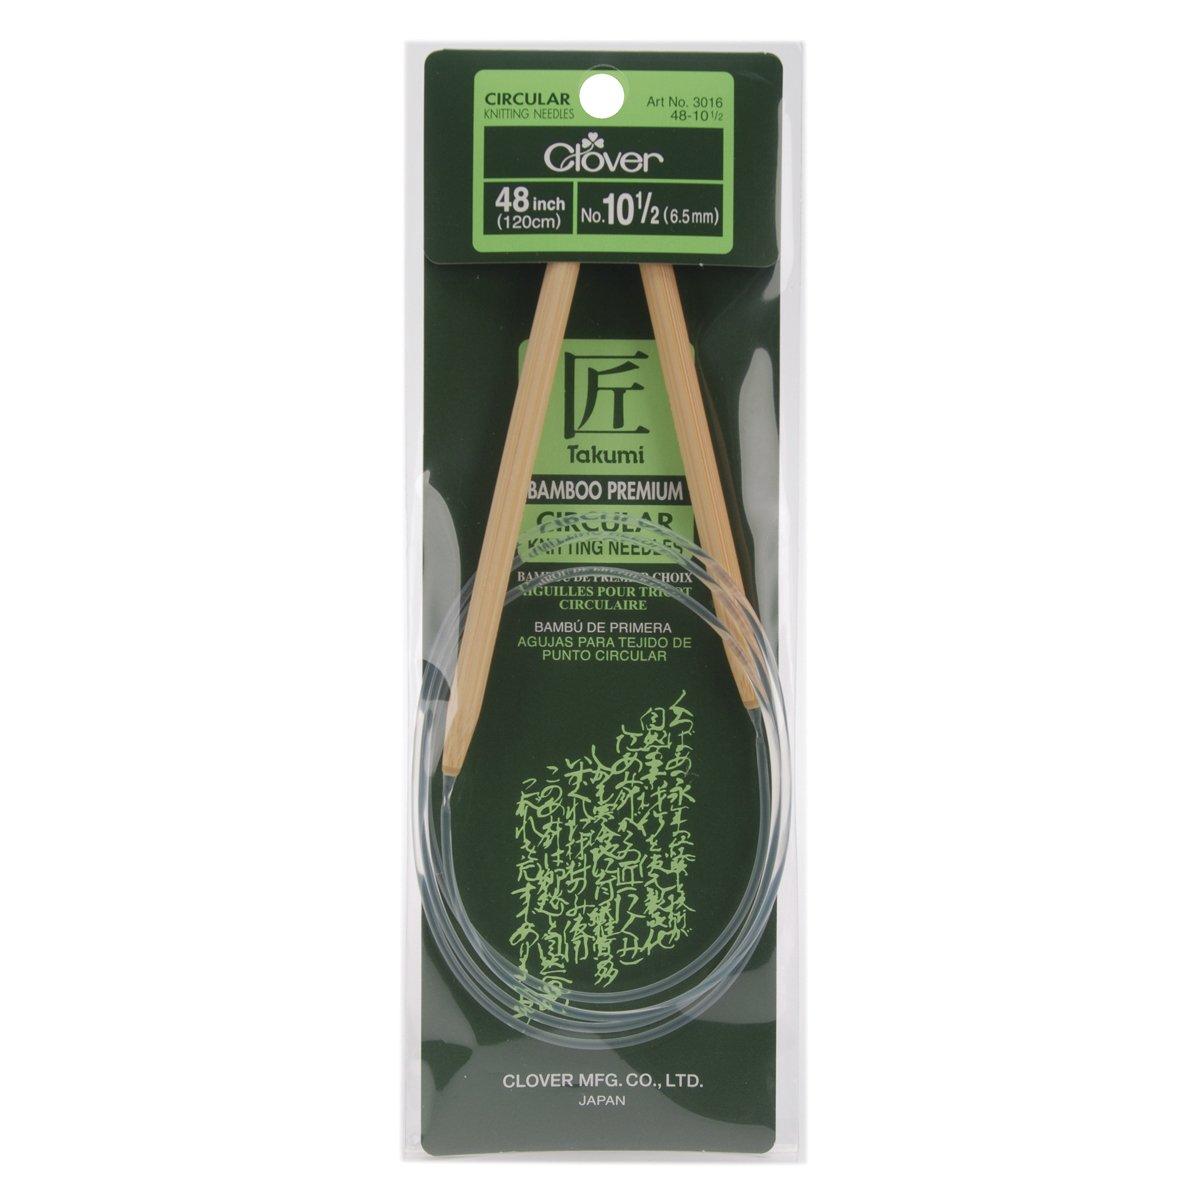 Aguja Circular Clover Takumi Bamboo 122cm  - 10.5